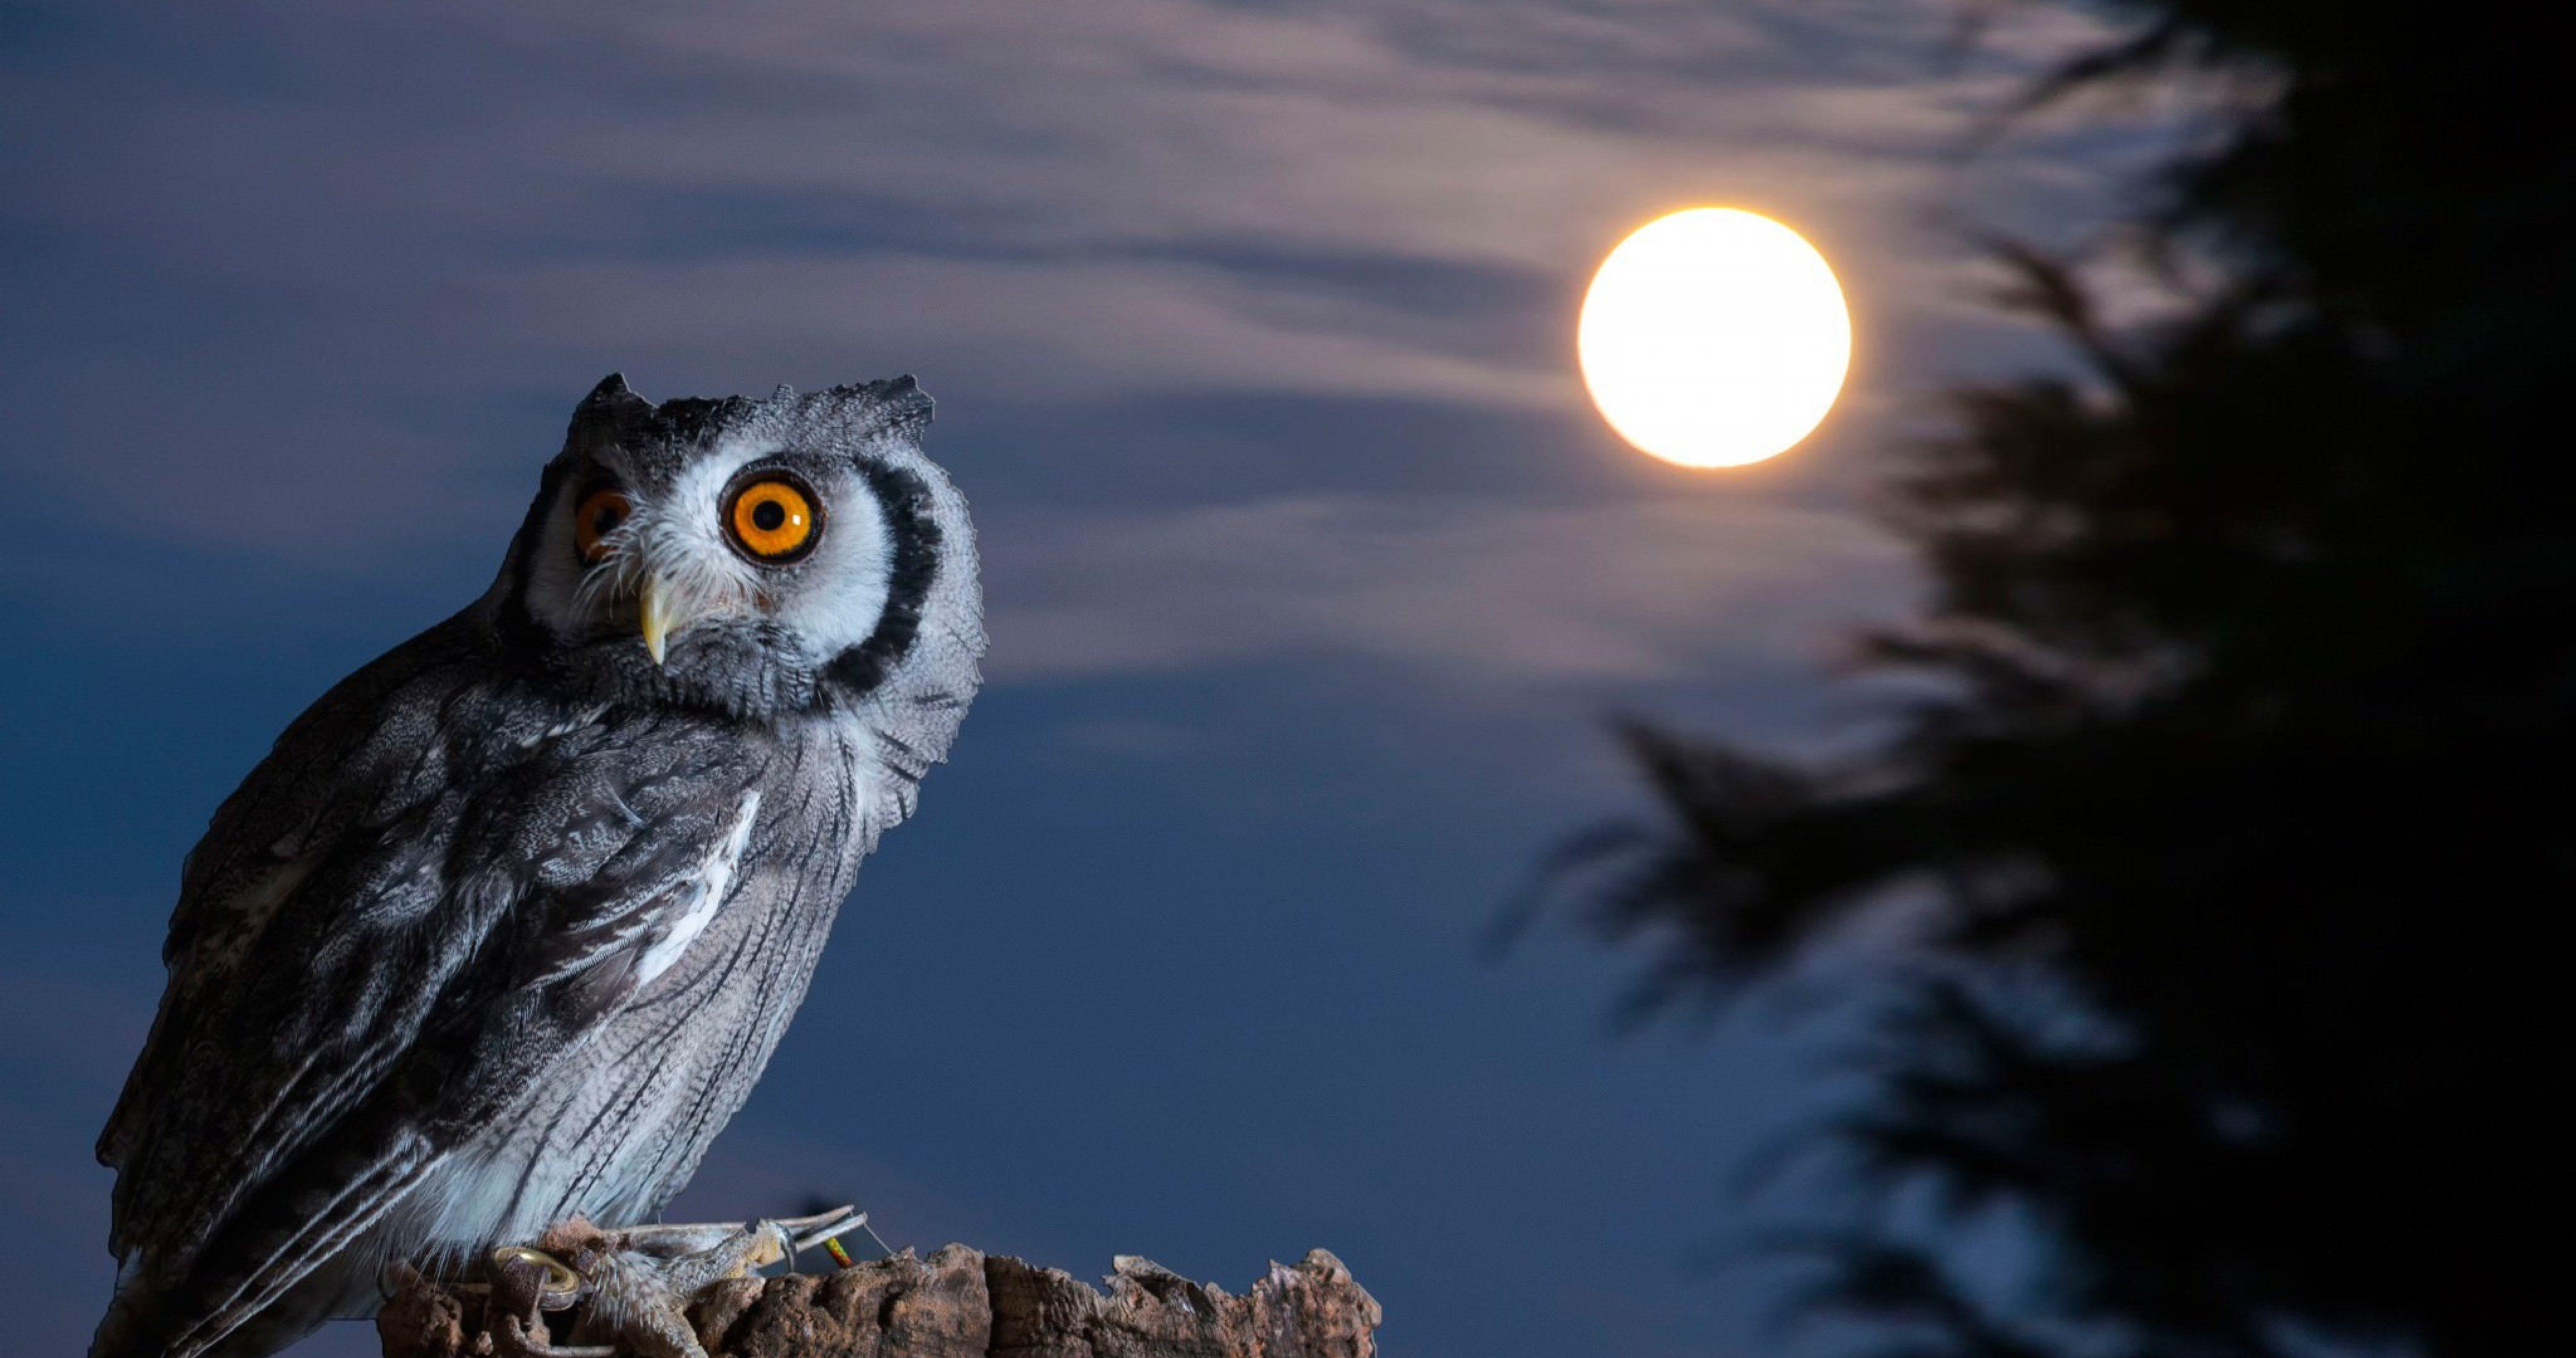 night bird owl 4k ultra hd wallpaper ololoshenka